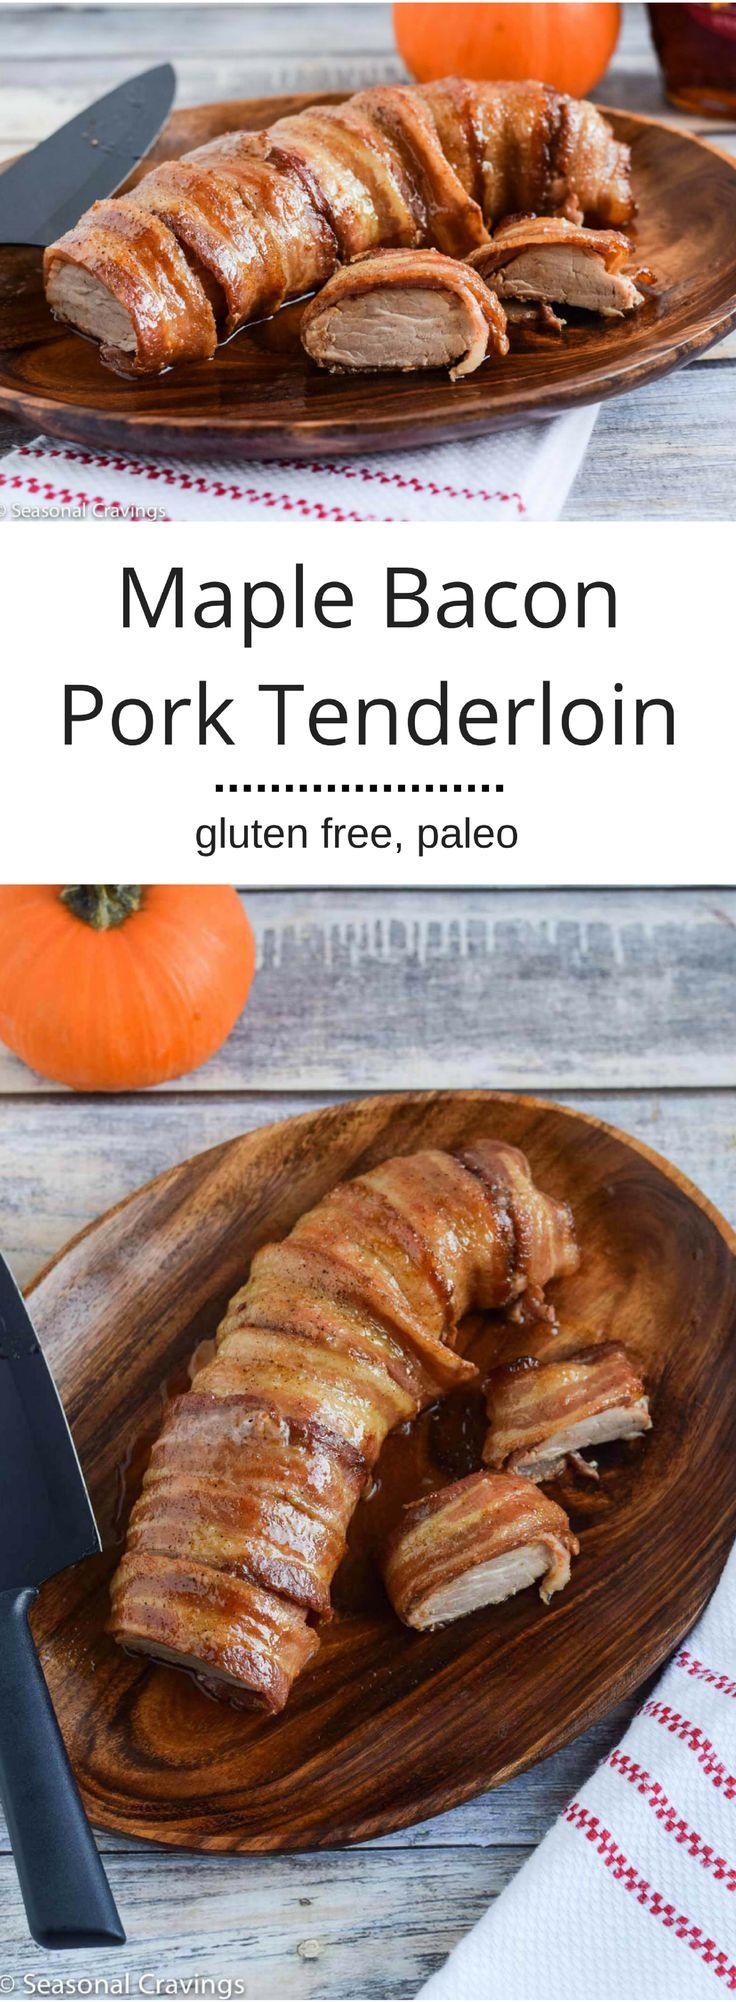 Maple Bacon Pork Tenderloin